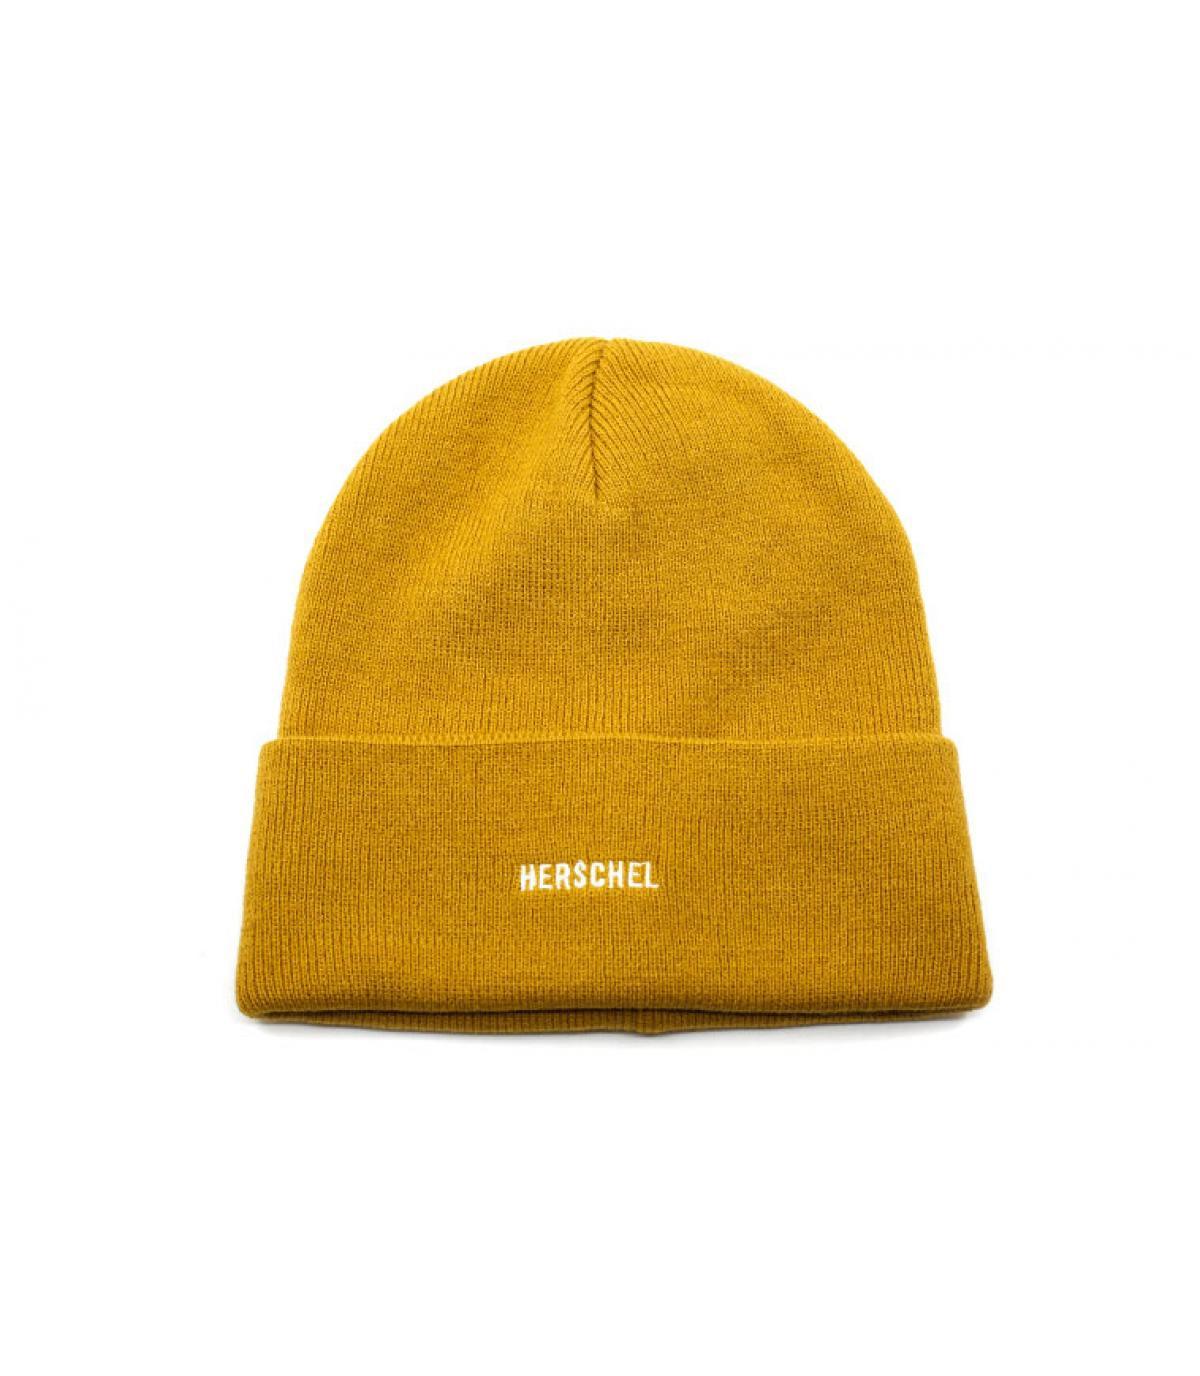 gele omkeerbare hoed van Herschel